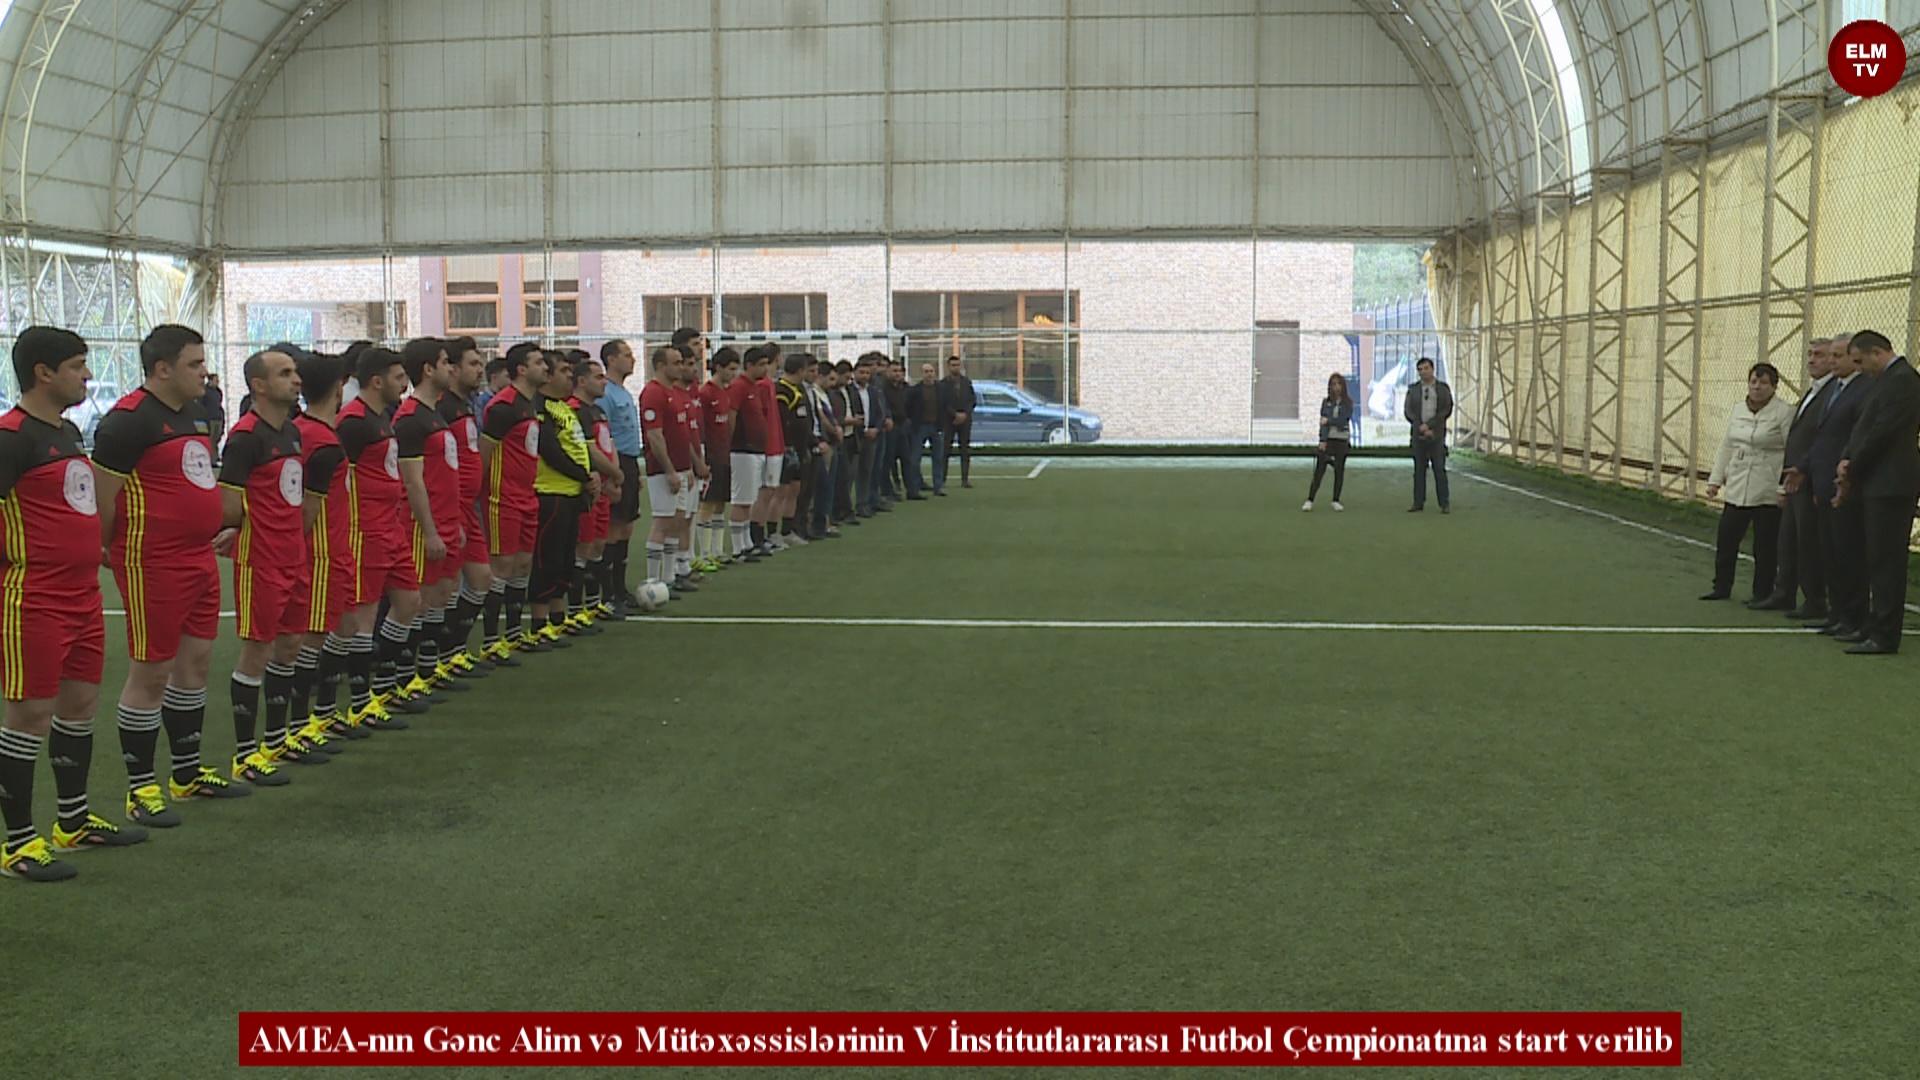 AMEA-nın Gənc Alim və Mütəxəssislərinin V İnstitutlararası Futbol Çempionatına start verilib